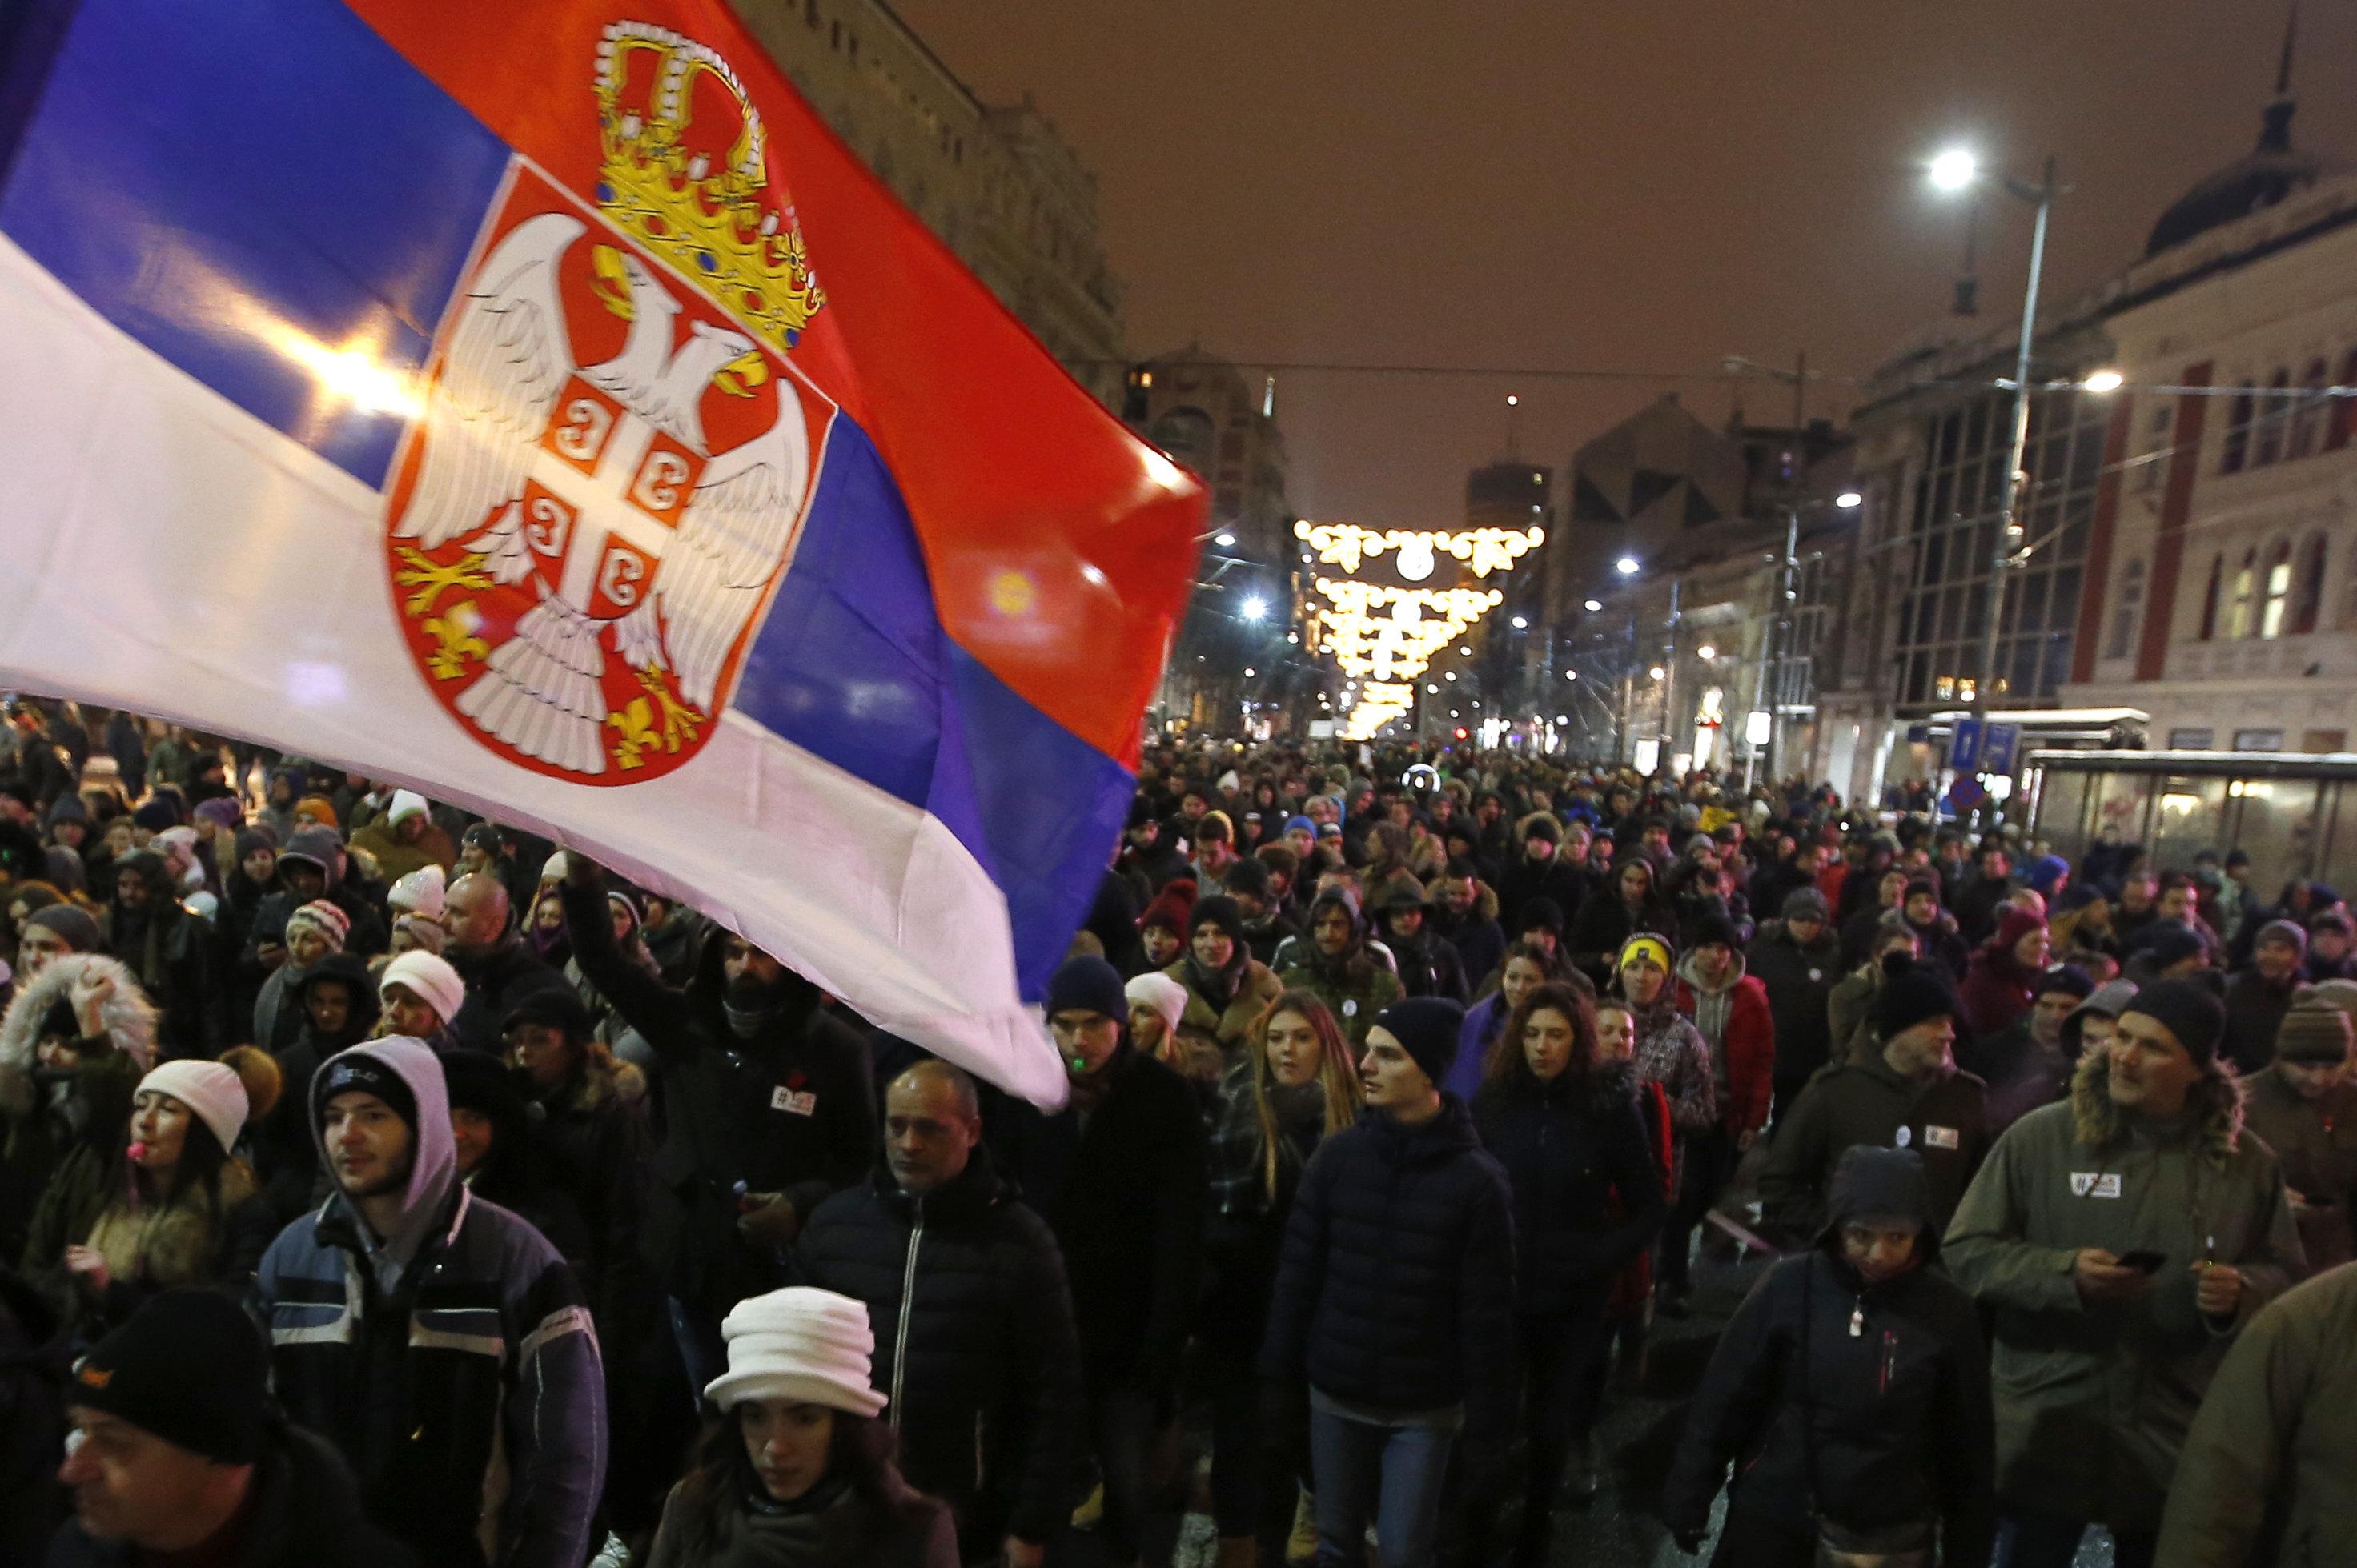 Μεγάλη αντικυβερνητική διαδήλωση και πάλι στη Σερβία - «Βούτσιτς, κλέφτη» φώναζαν οι